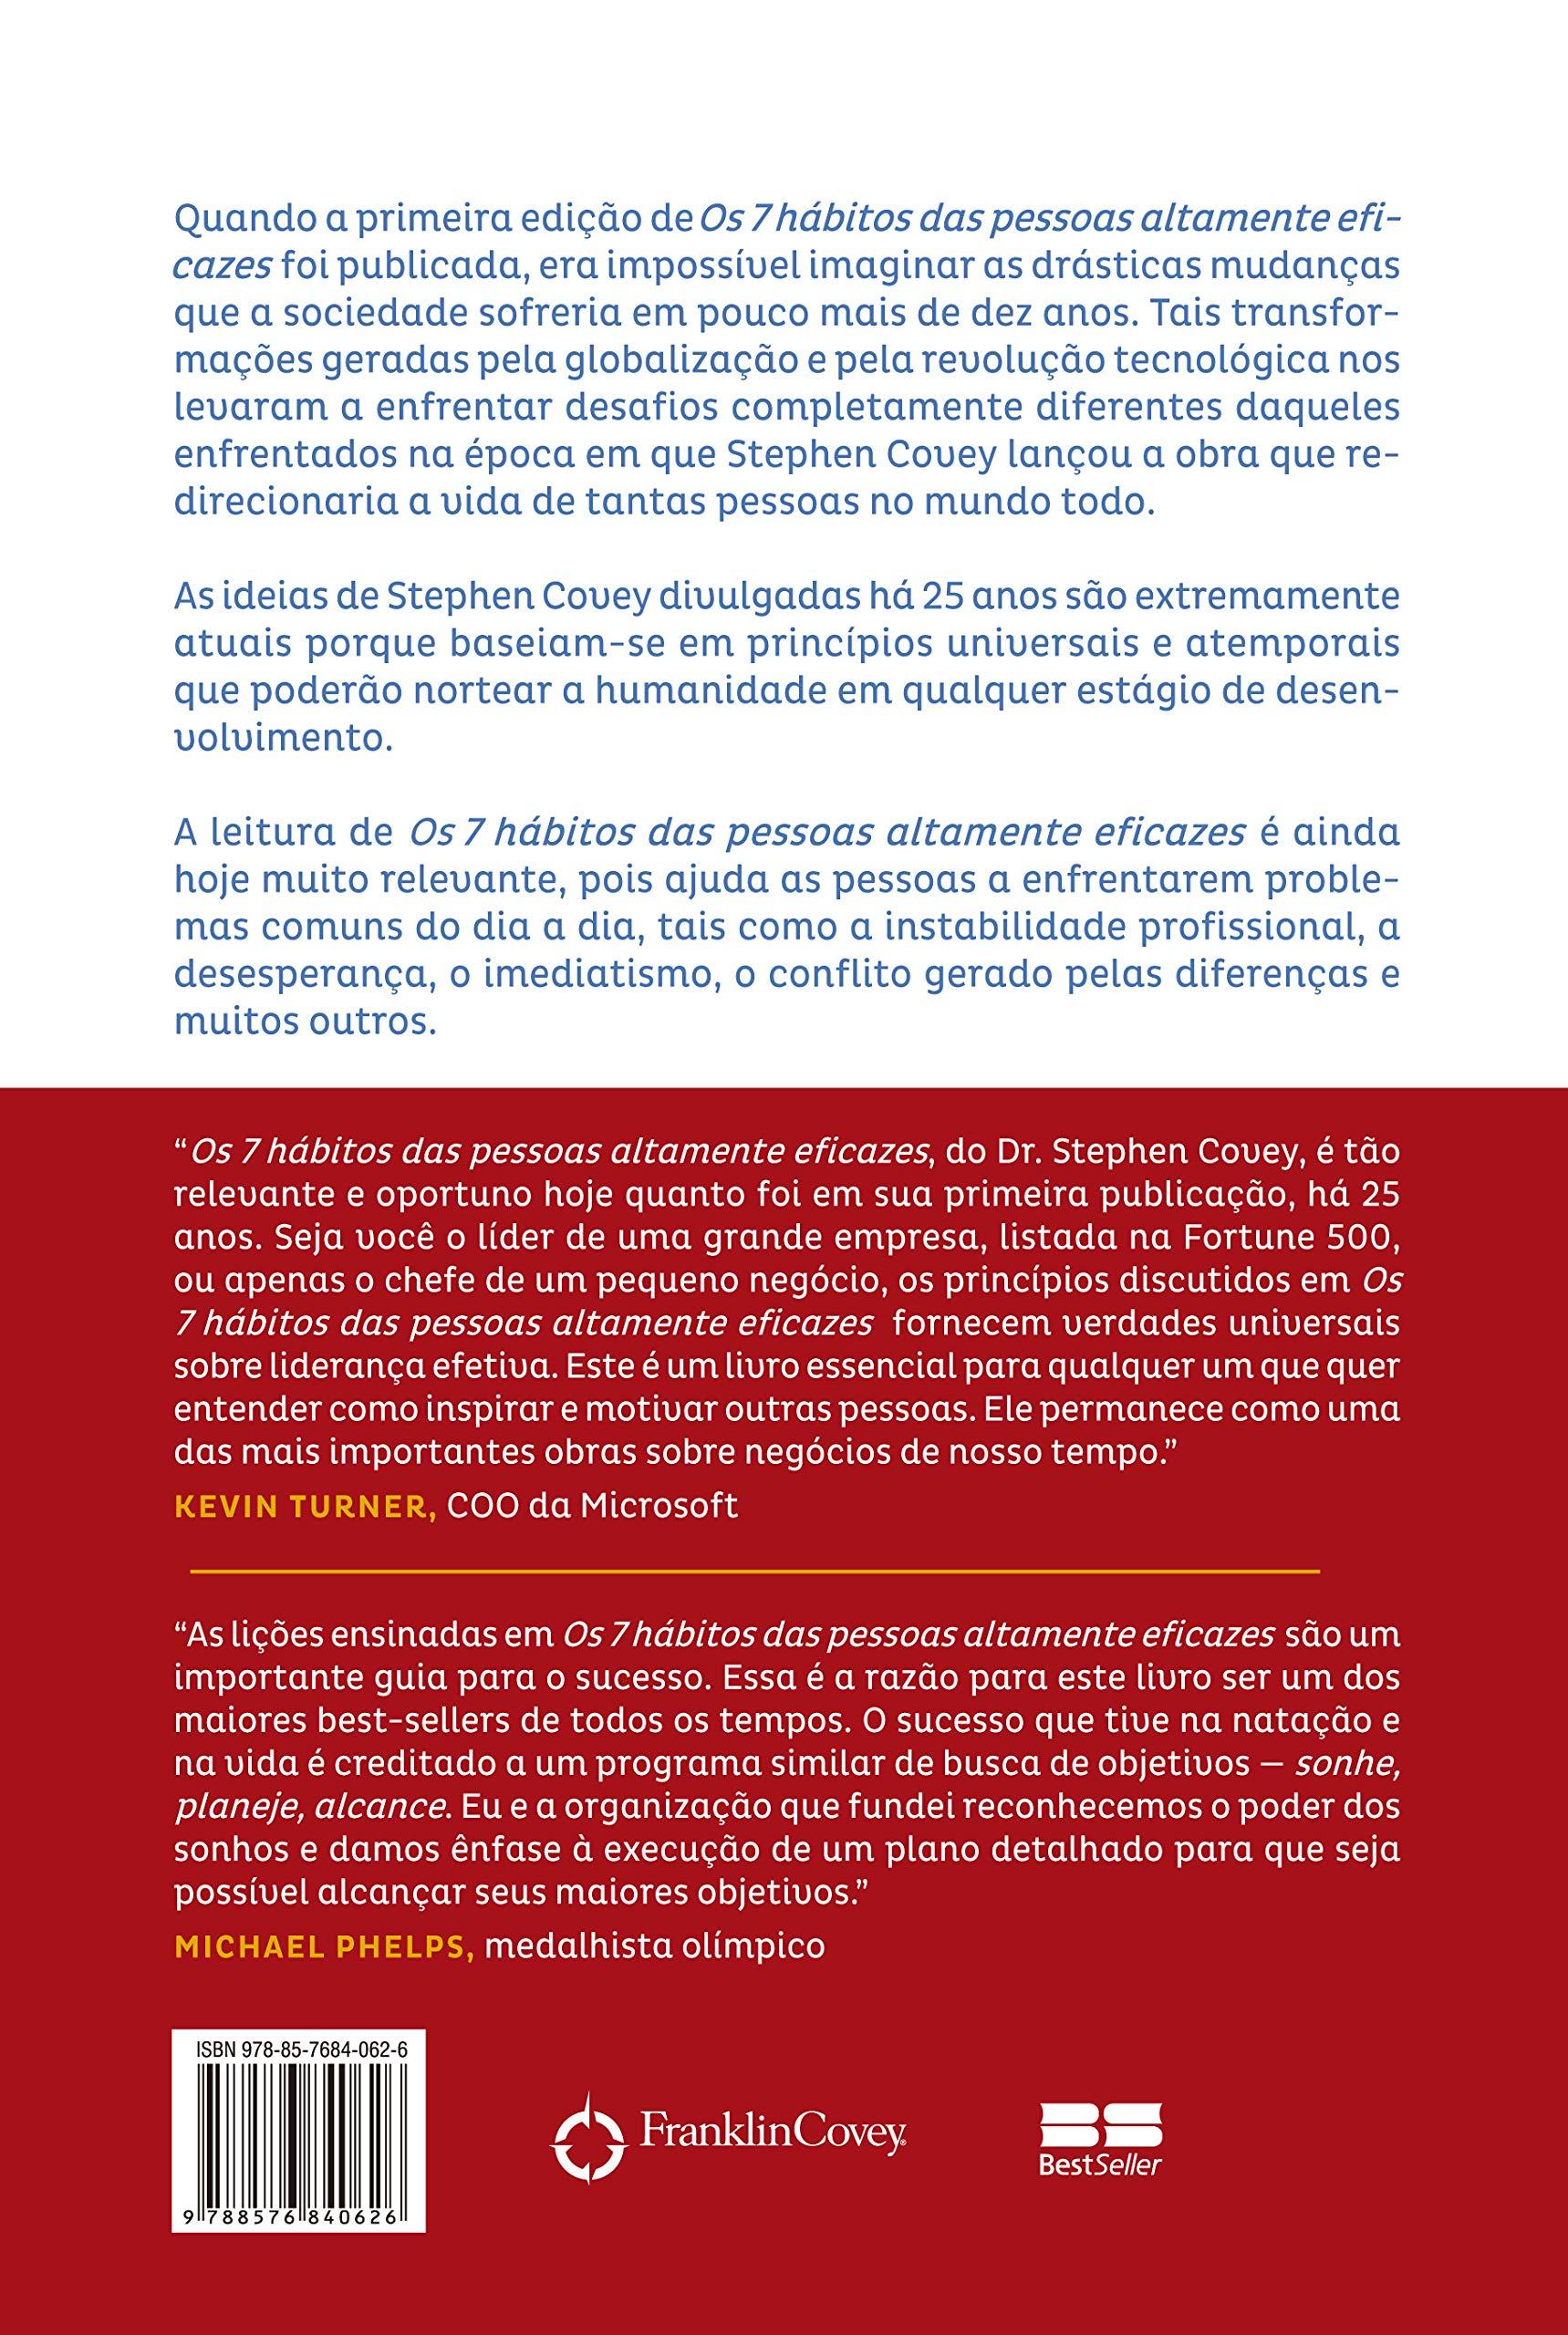 47a4625a7d59 Os 7 Hábitos das Pessoas Altamente Eficazes - Edição Customizada: Lições  poderosas para a transformação pessoal - 9788576840626 - Livros na Amazon  Brasil